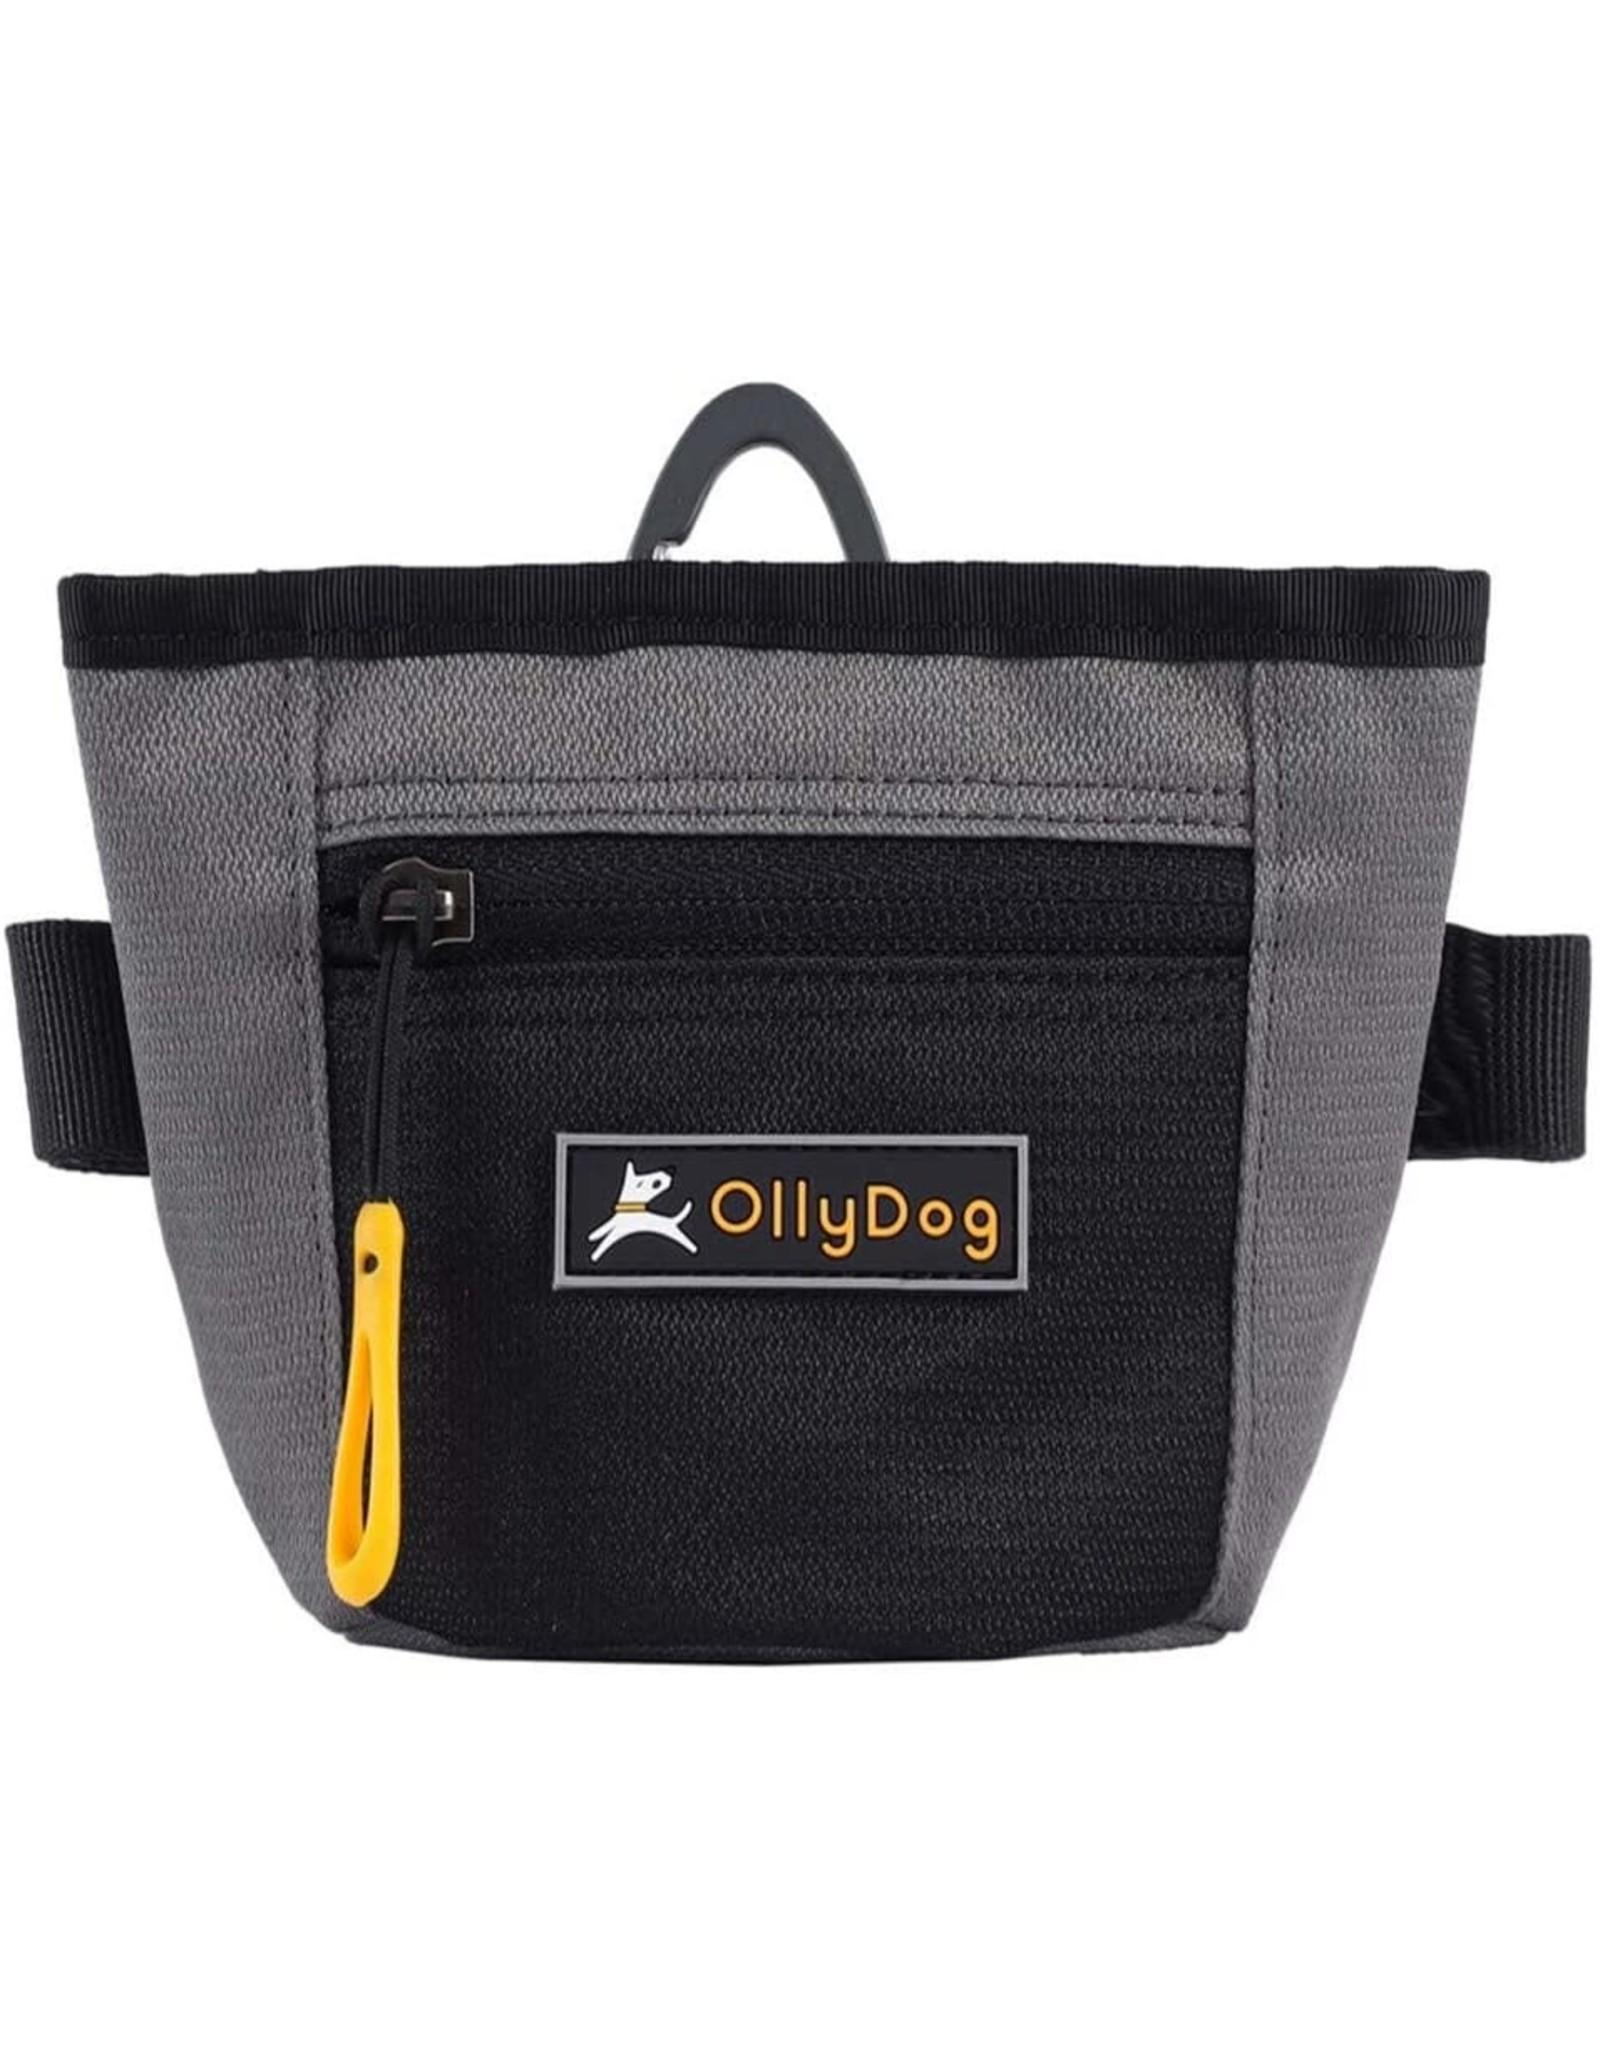 OllyDog Goodie Treat Bag: Flint, os